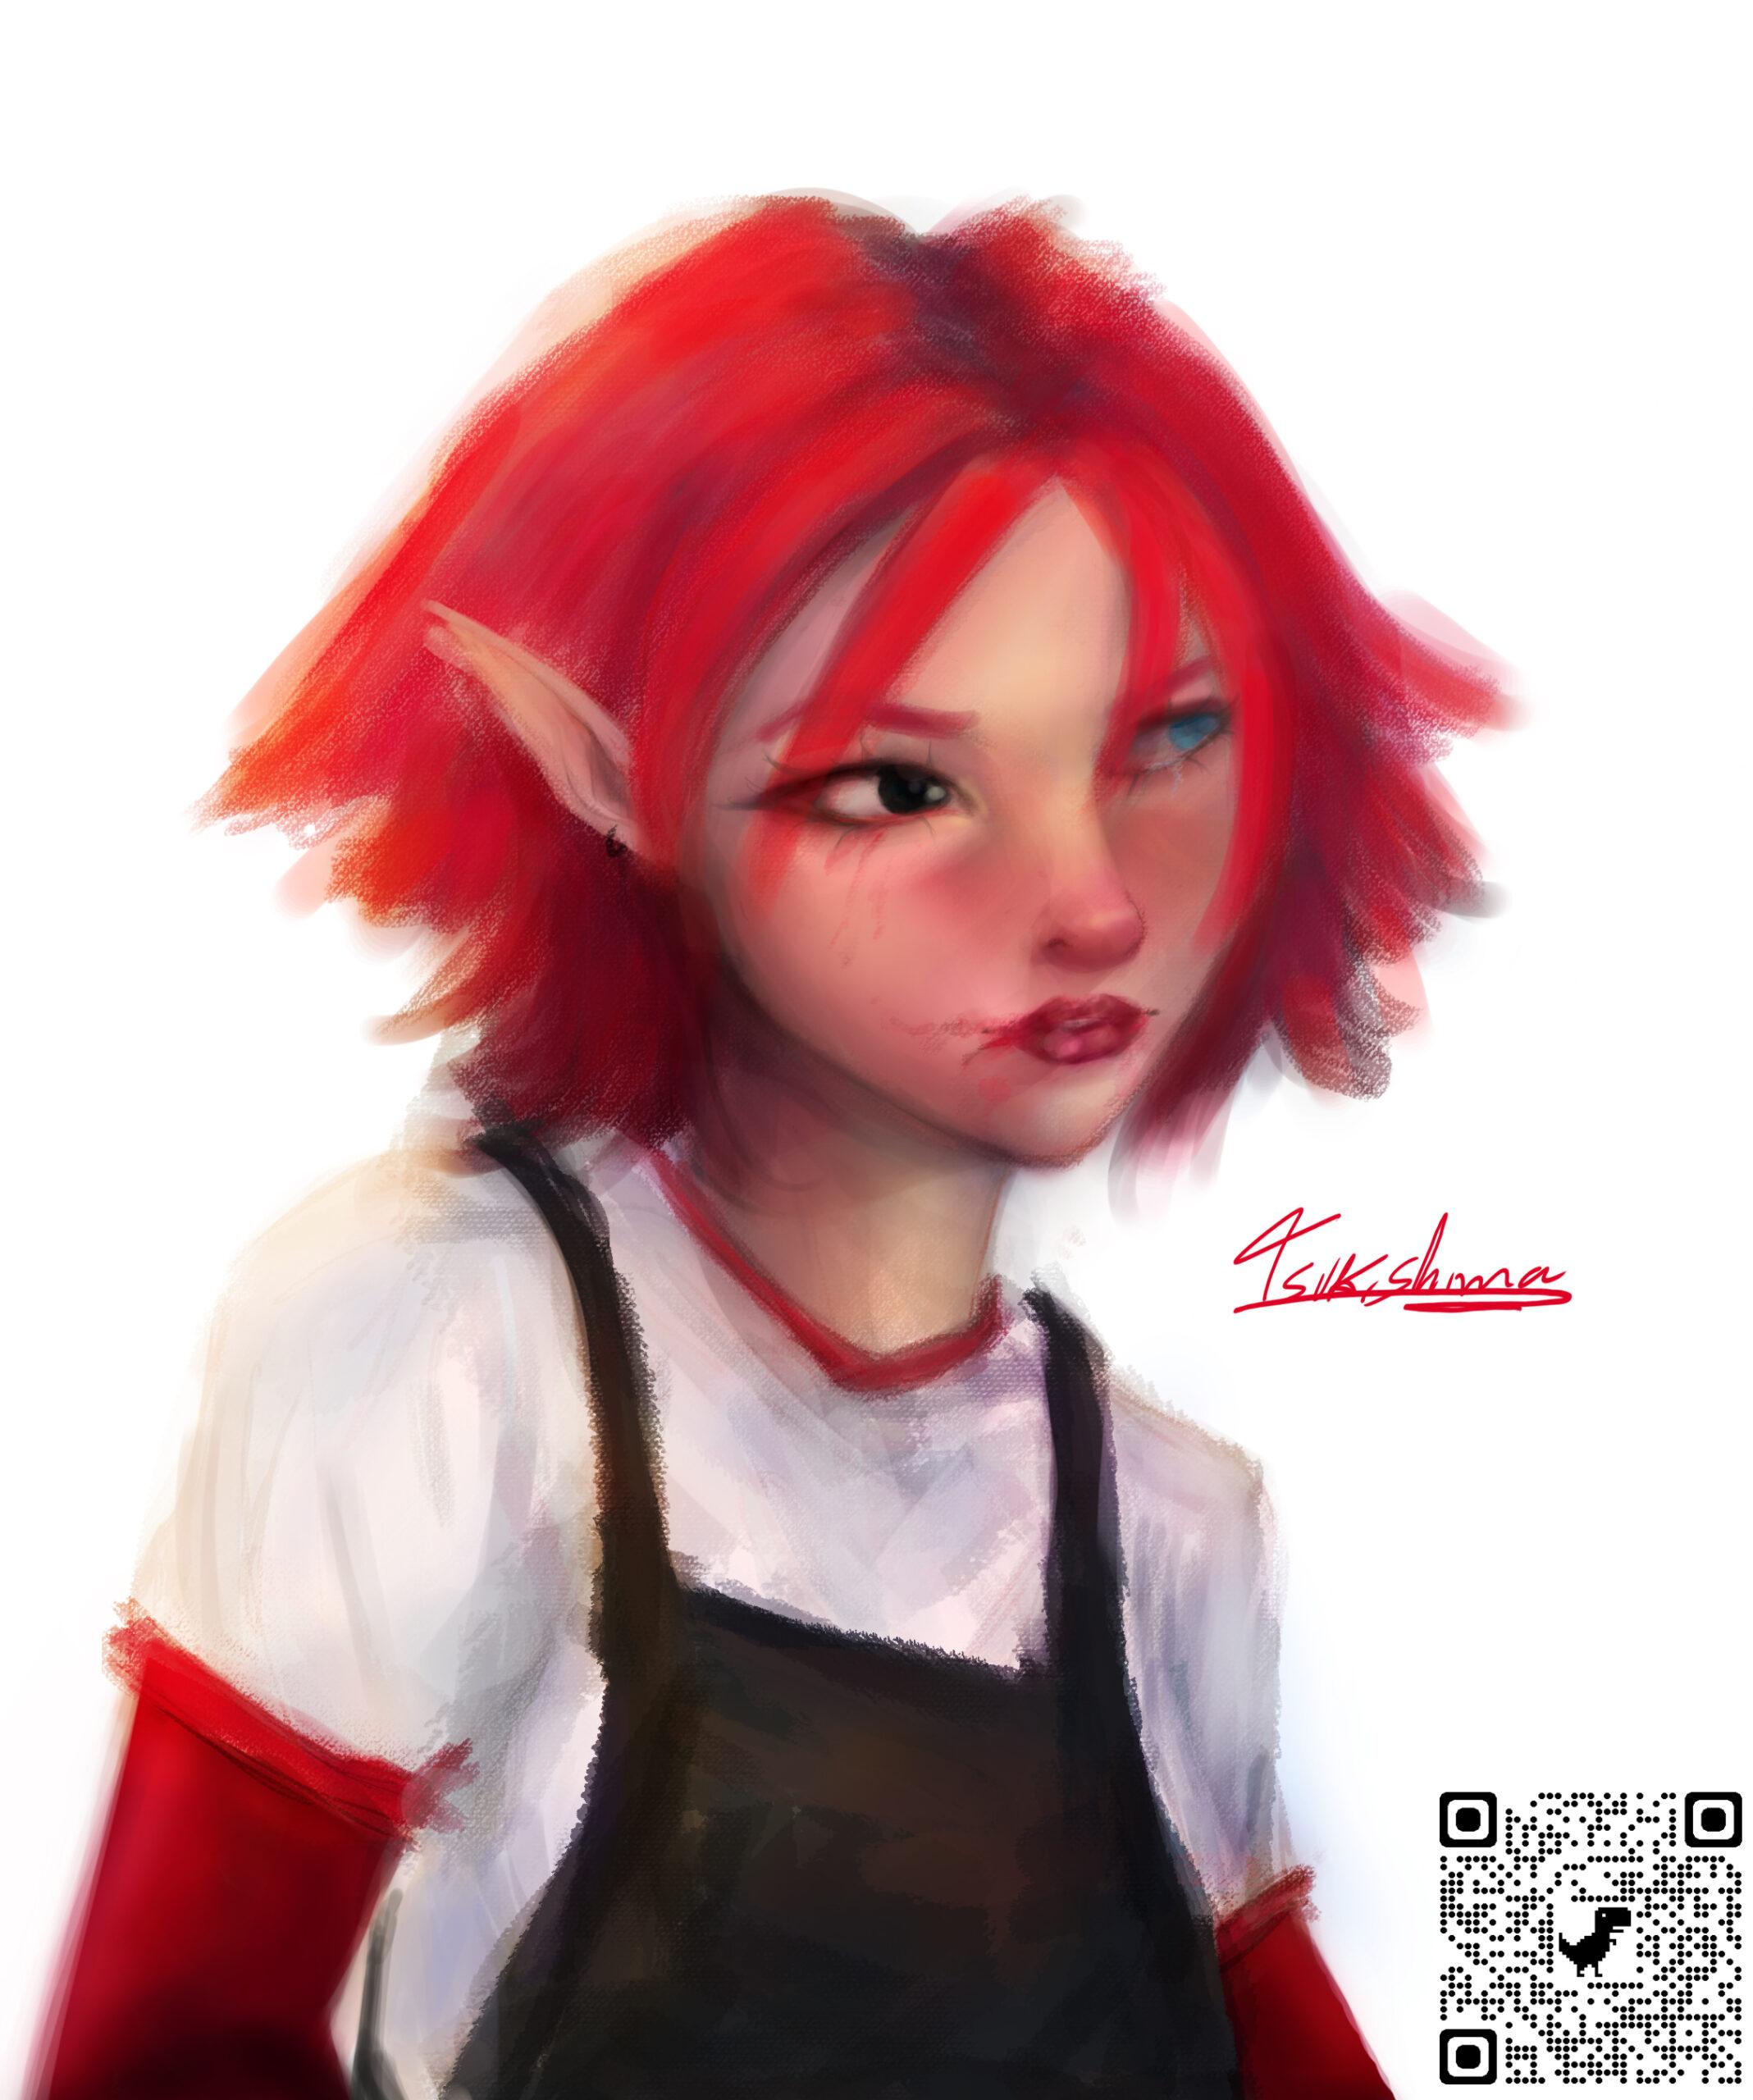 Portrait style art